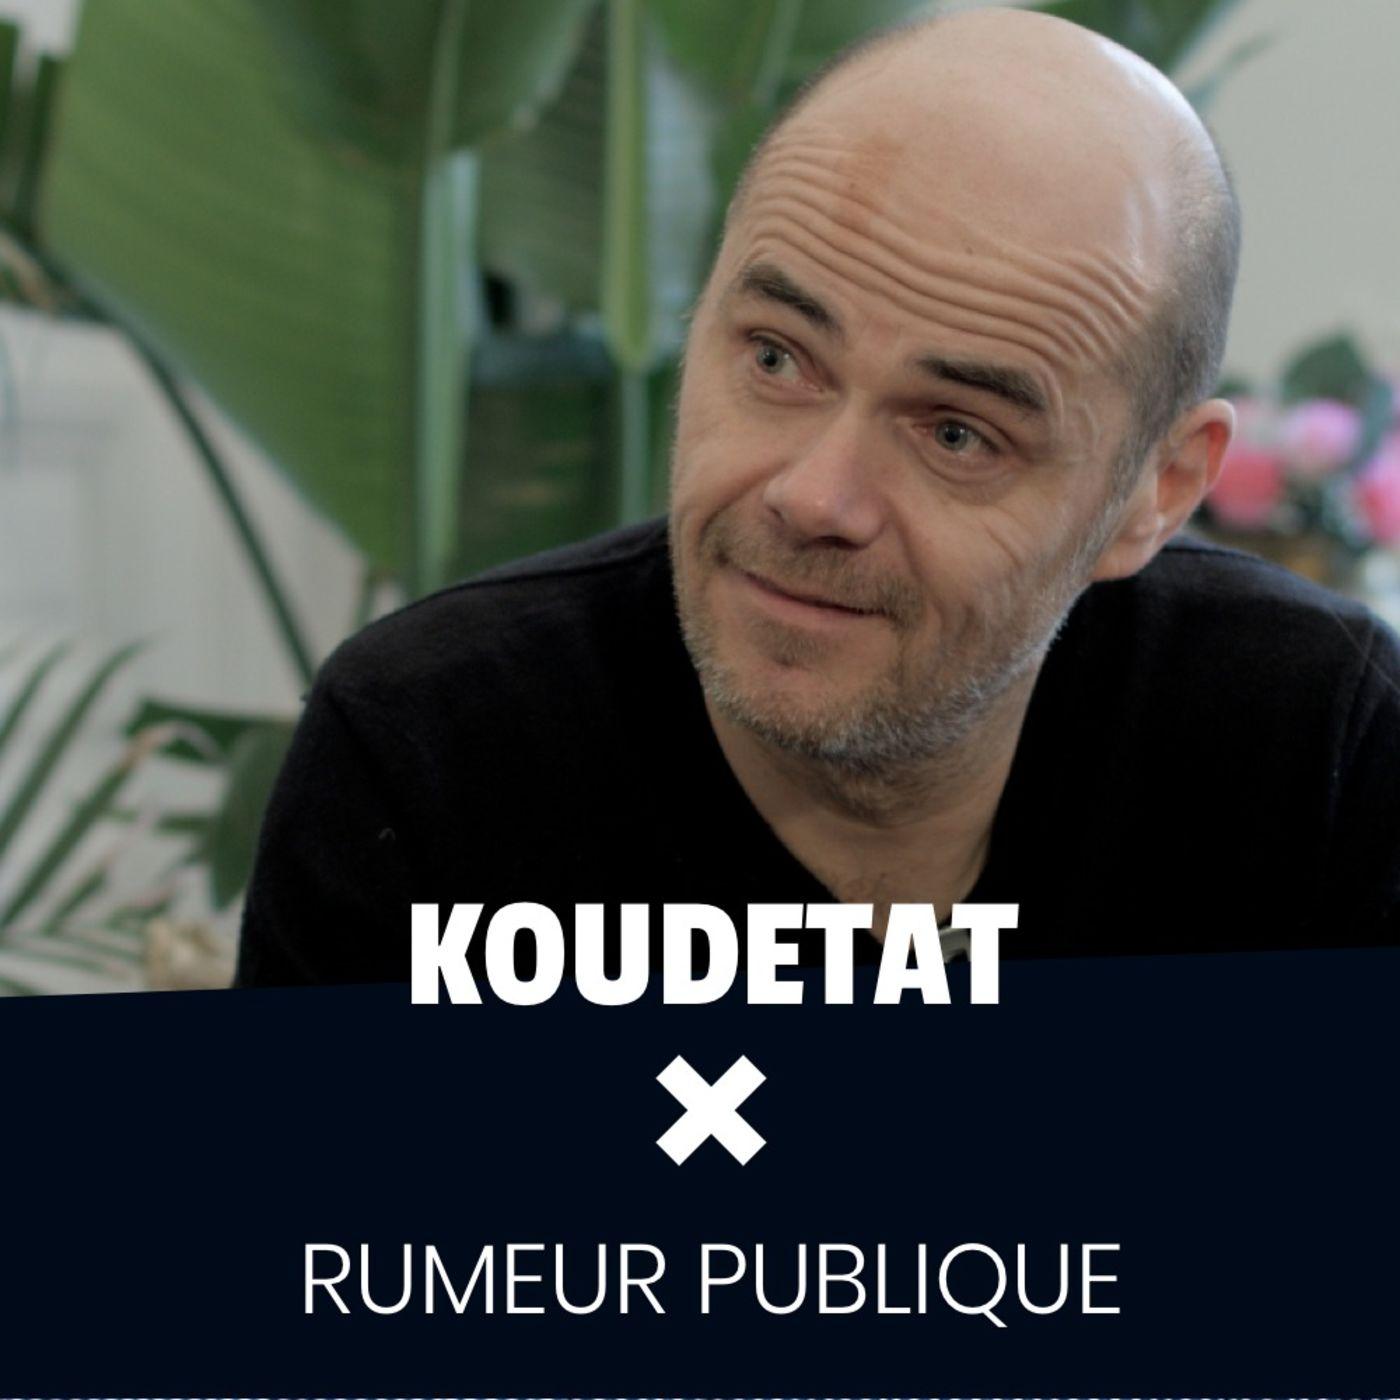 N'arrête jamais d'apprendre et de t'améliorer - Koudetat x Rumeur Publique